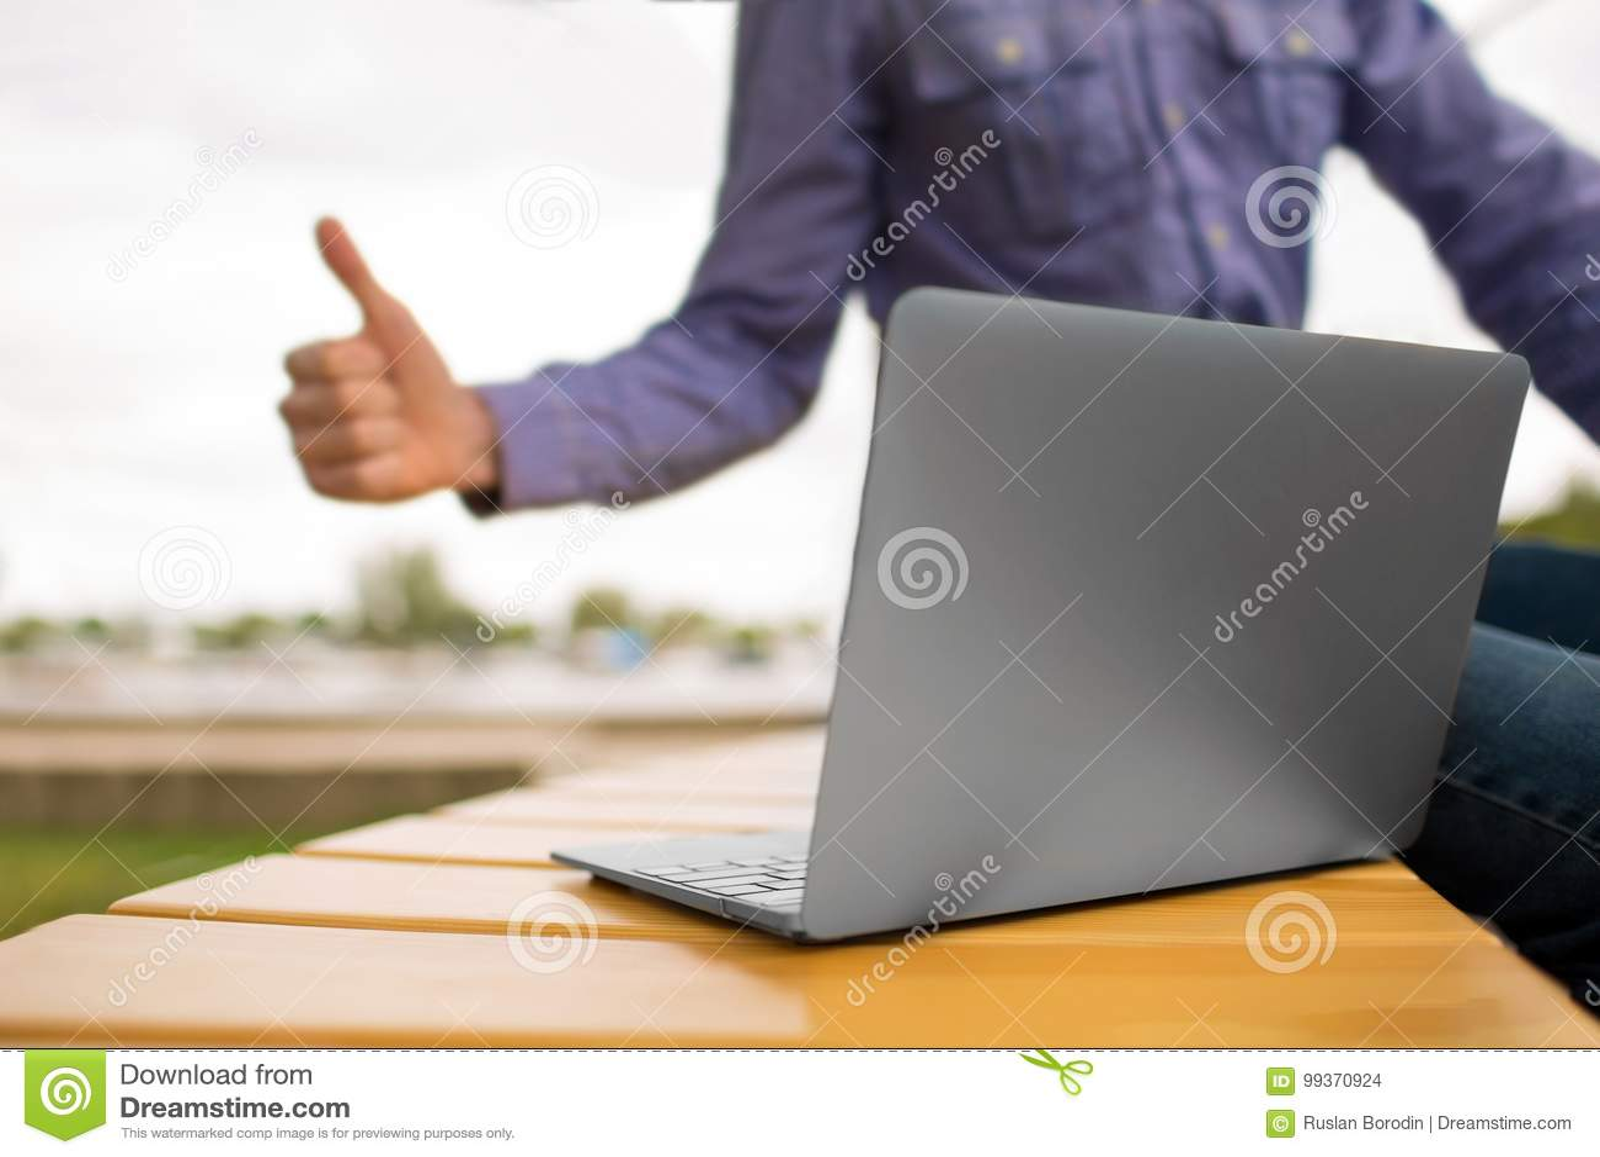 Närbild av en bärbar dator Bärbar dator på en bänk på en suddig bakgrund Ung man som upp till ger en tumme en bärbar dator kopier